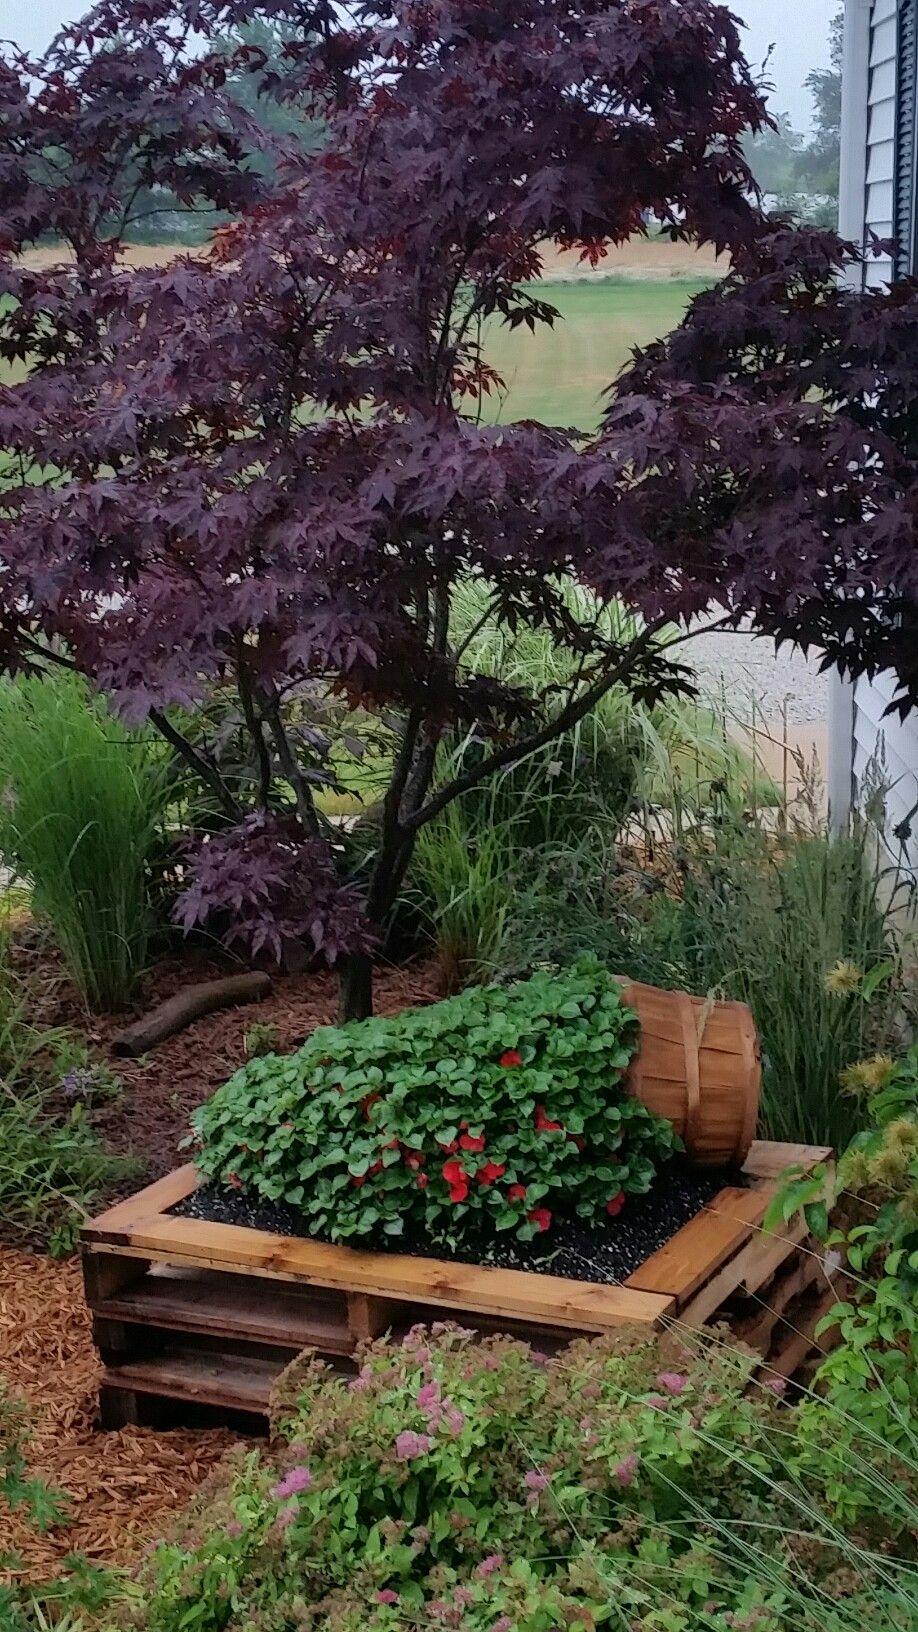 Cottage garden landscape design ideas  Basket of